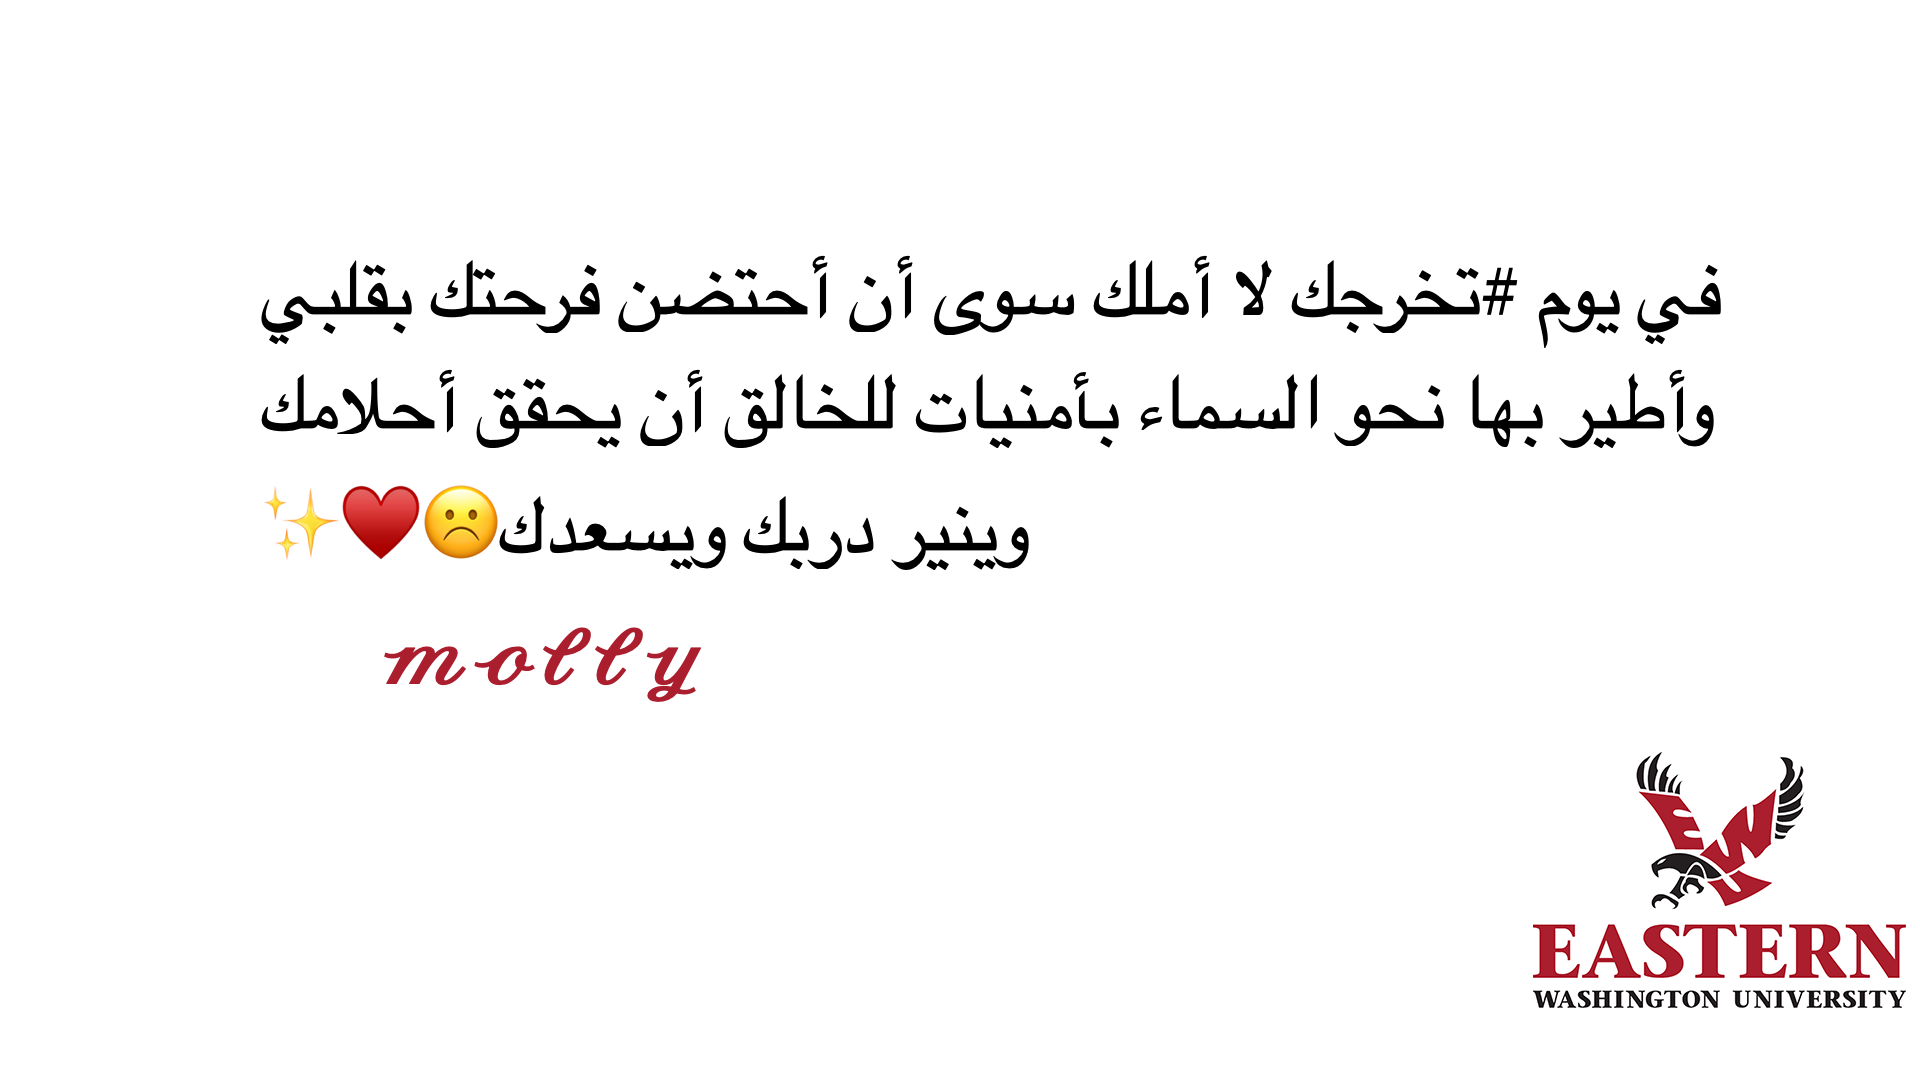 tbi_abdulrahman-abdullah-a_2240.png